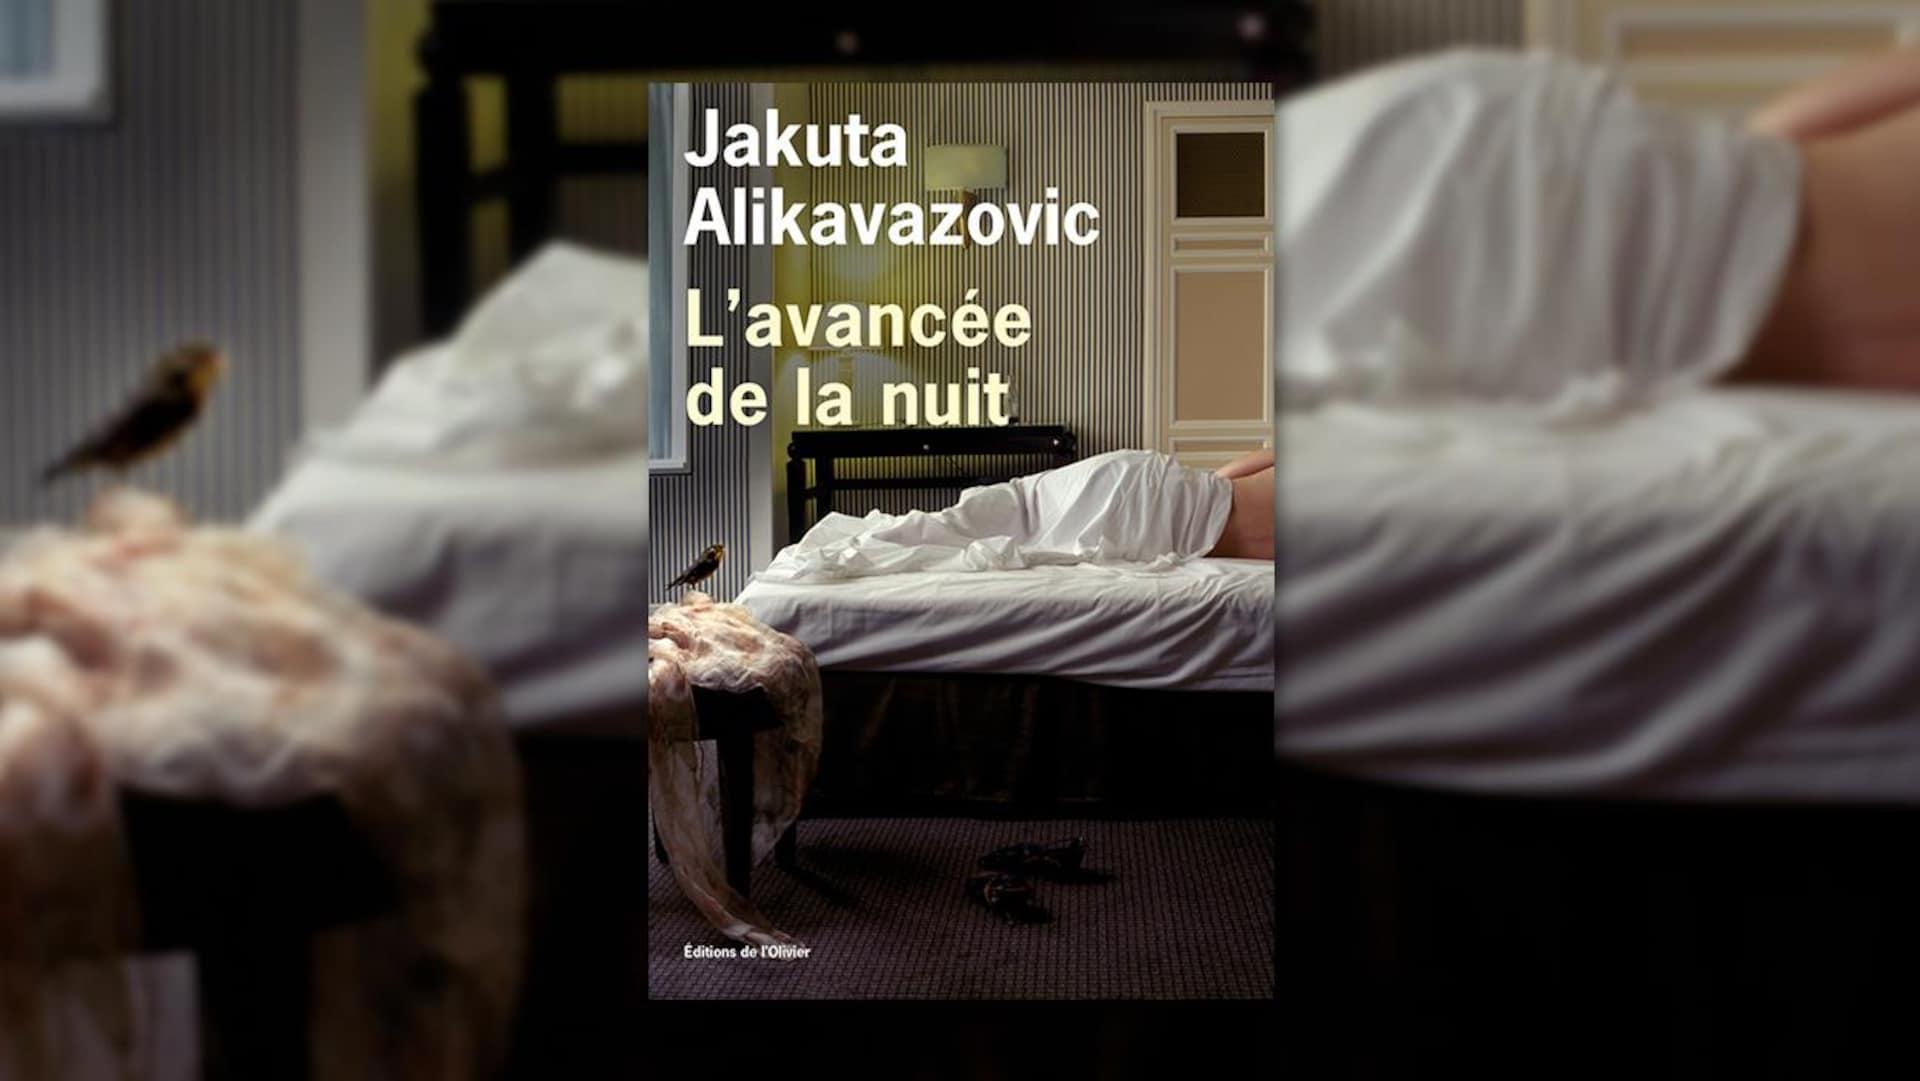 La couverture du livre «L'avancée de la nuit» de Jakuta Alikavazovic